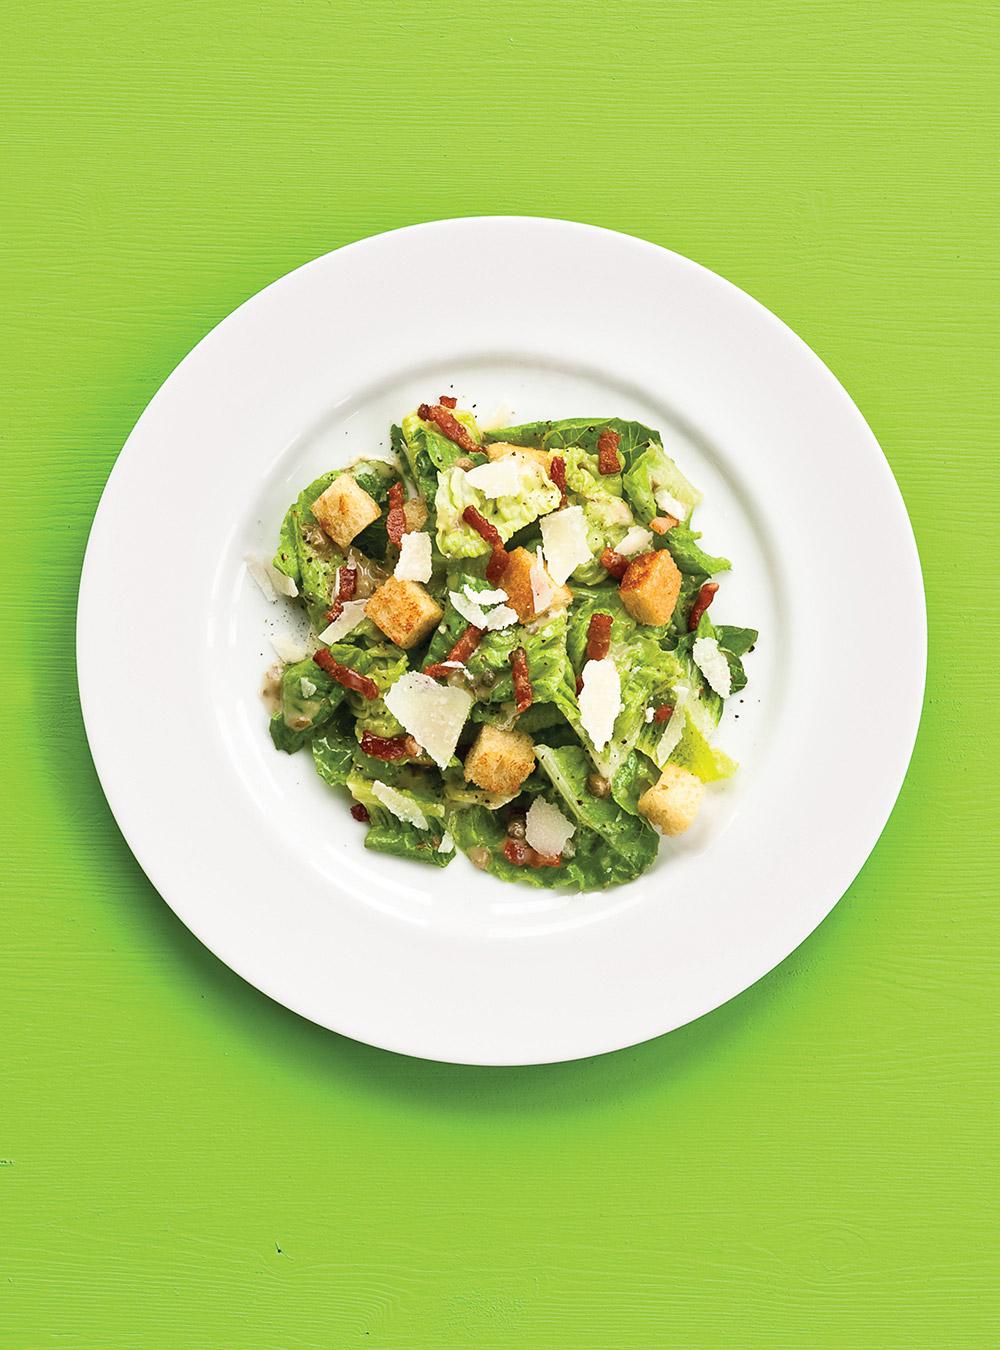 Salade césar classique | ricardo